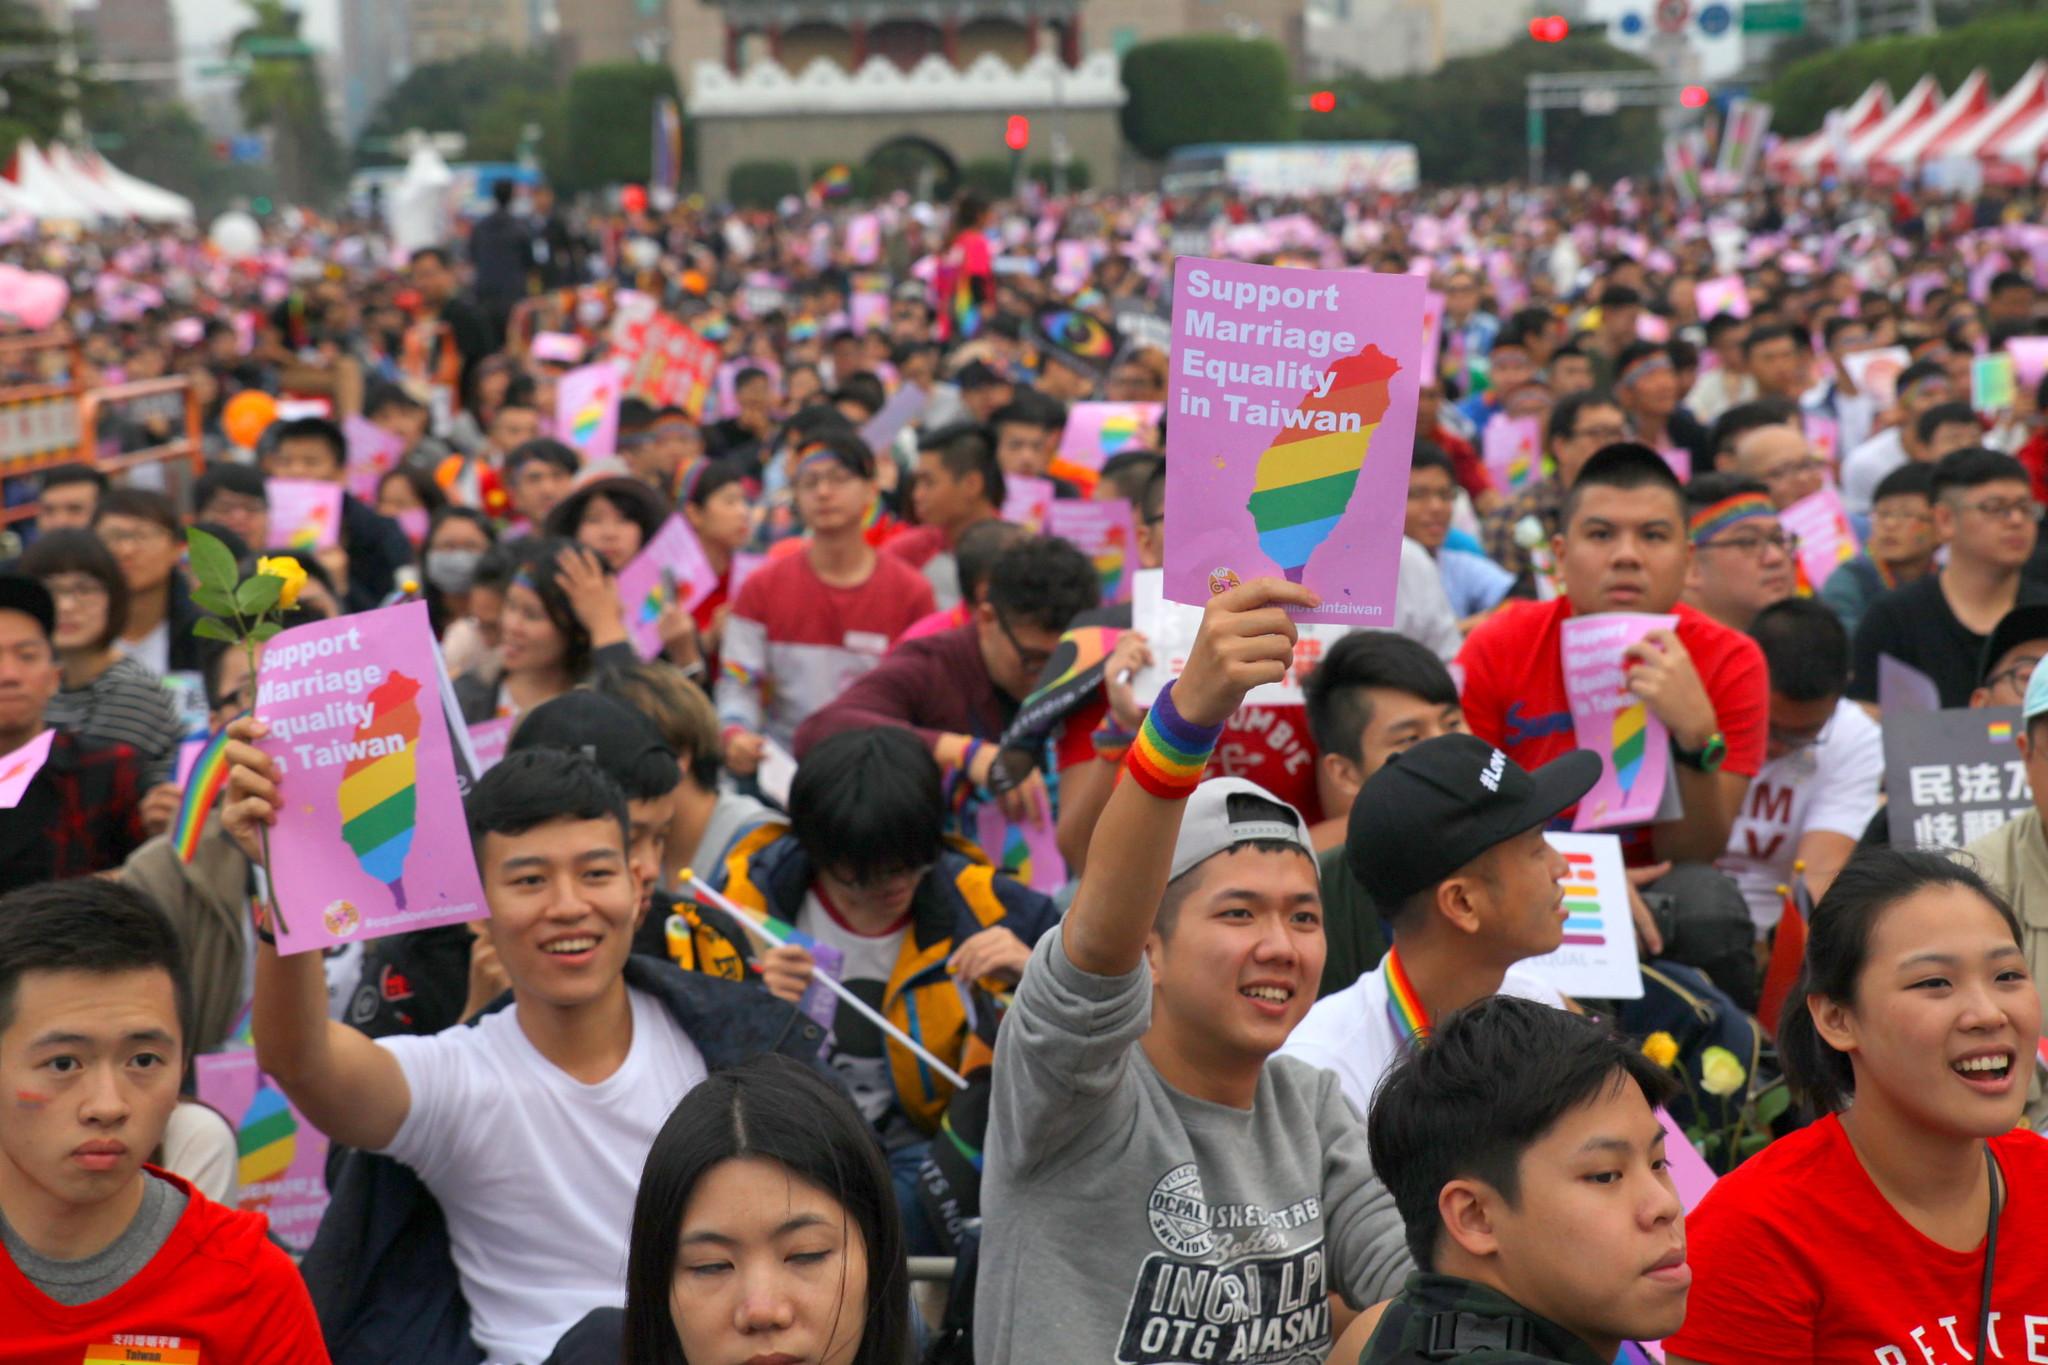 現場民眾高舉「支持婚姻平權」的英文標語。(攝影:陳逸婷)